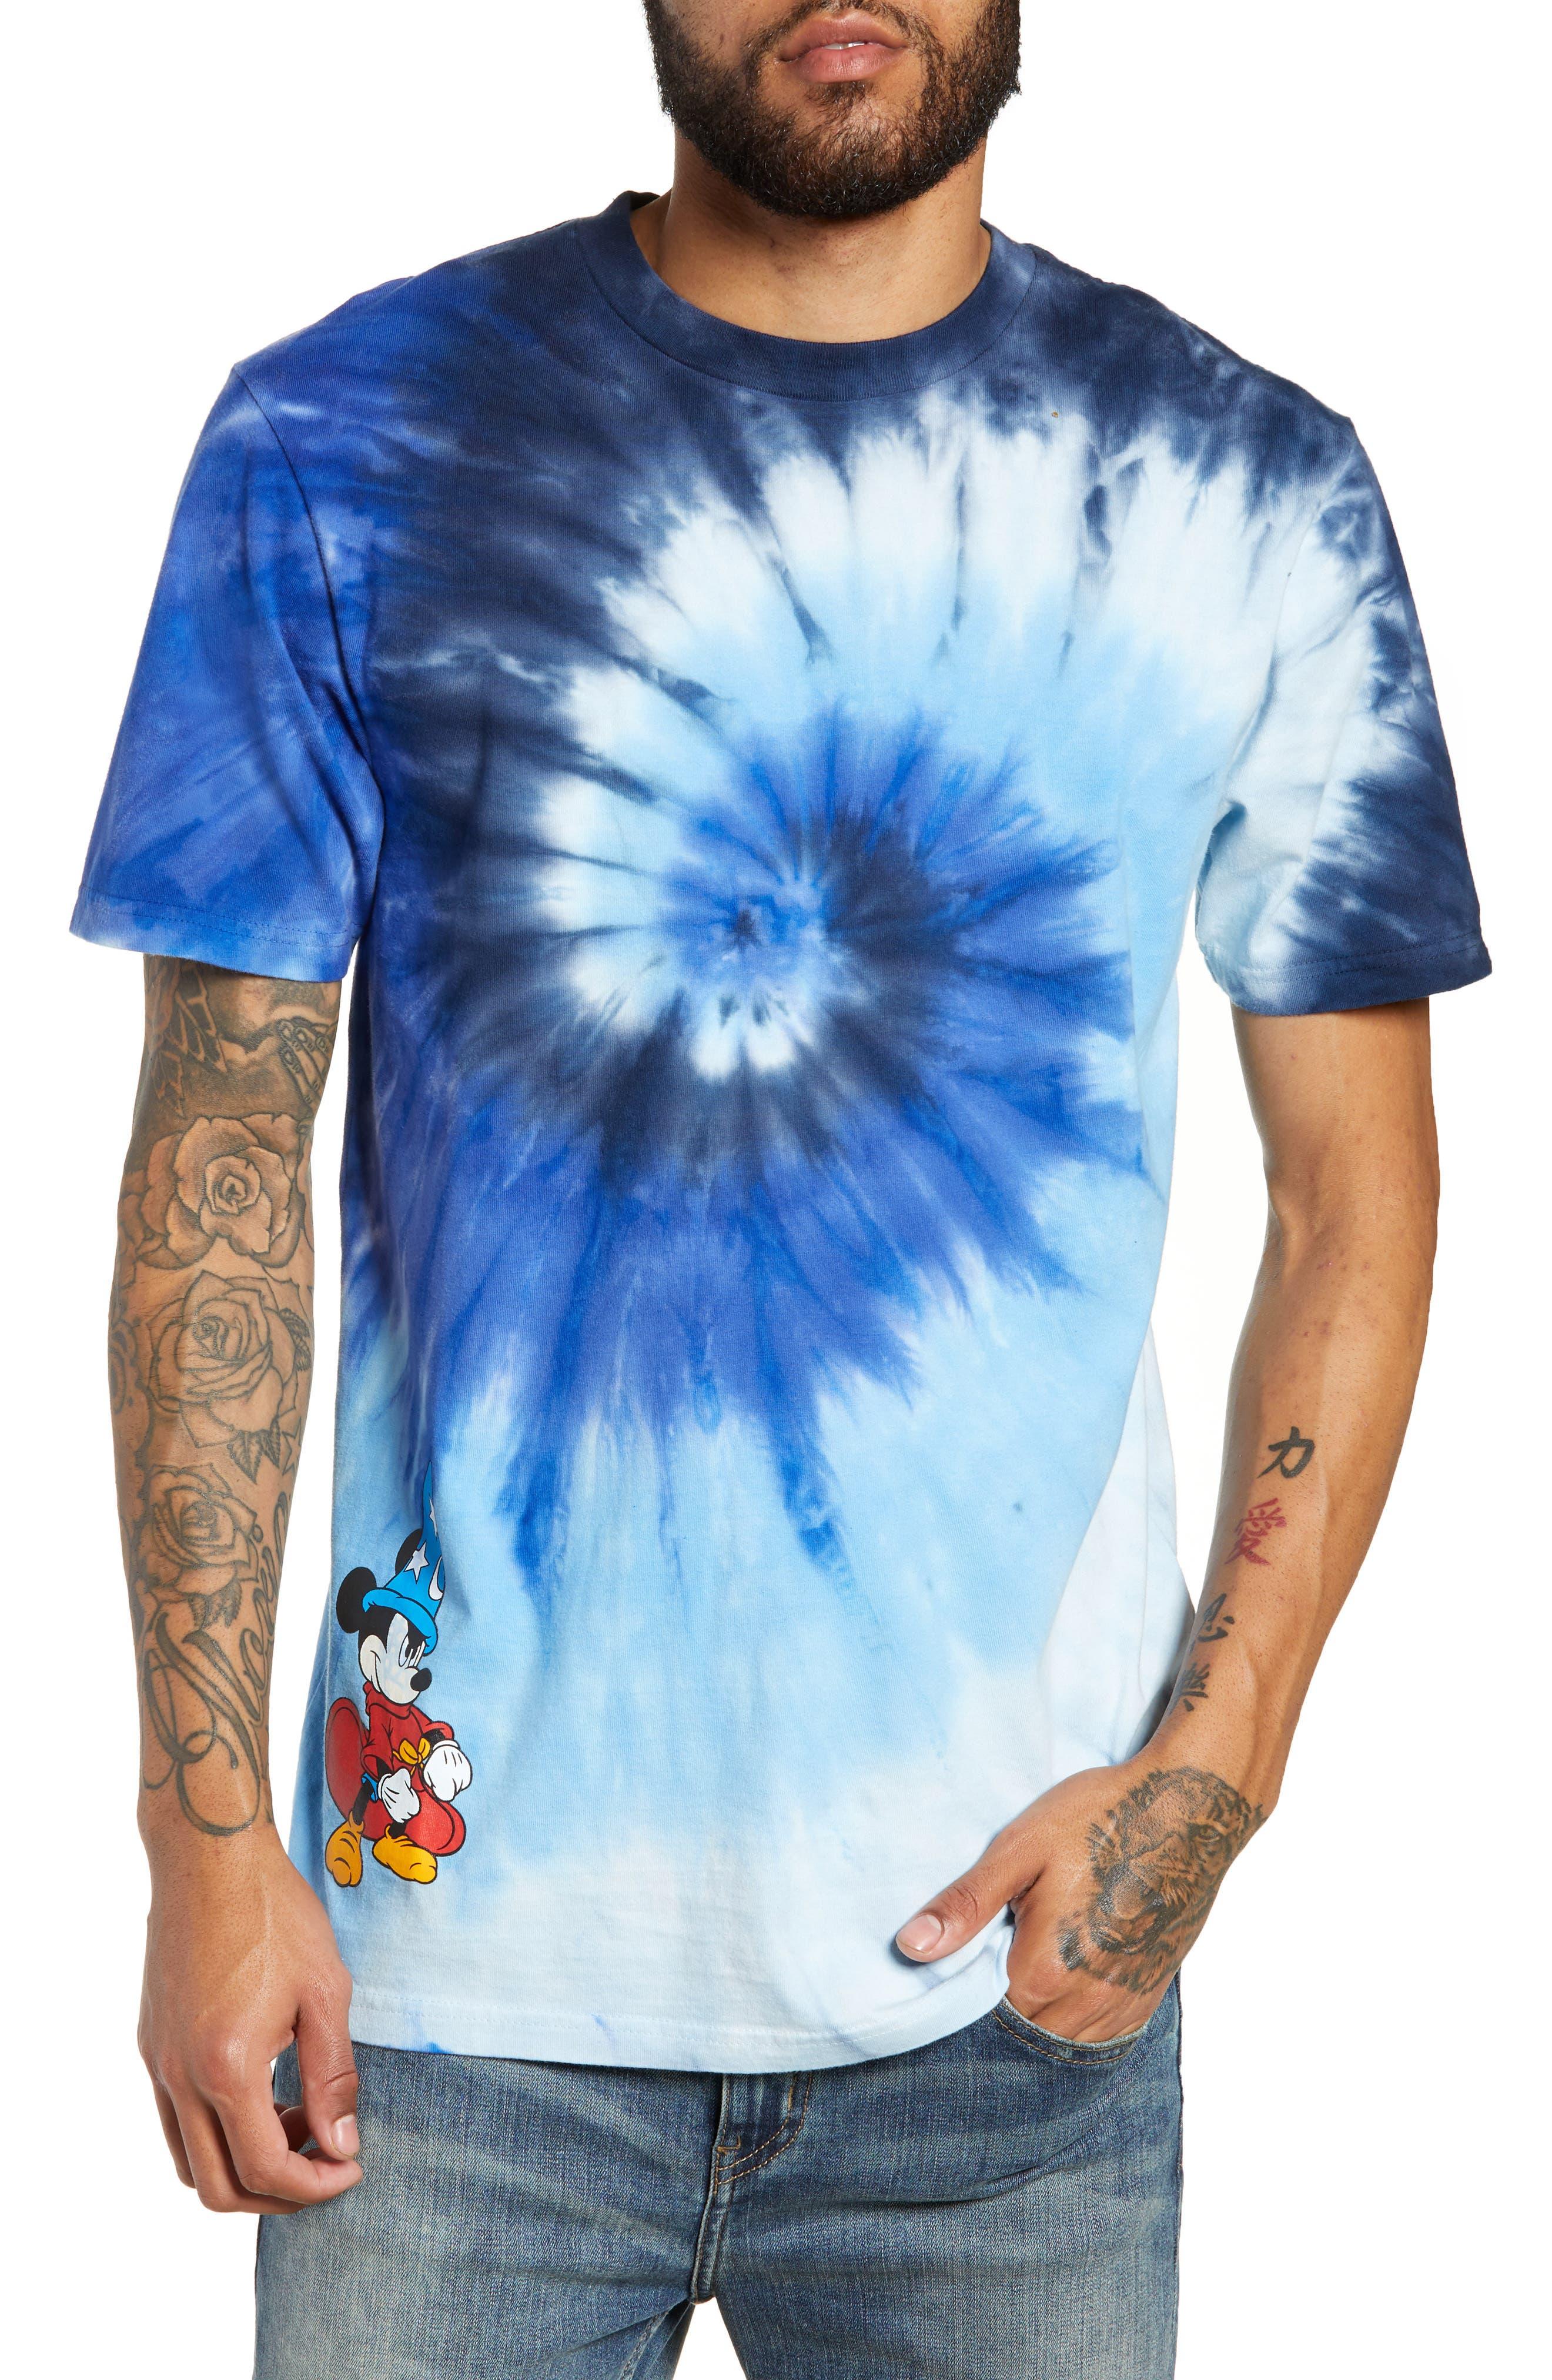 x Disney Mickey's 90th Anniversary T-Shirt,                             Main thumbnail 1, color,                             MICKEY FANTASIA TIE DYE